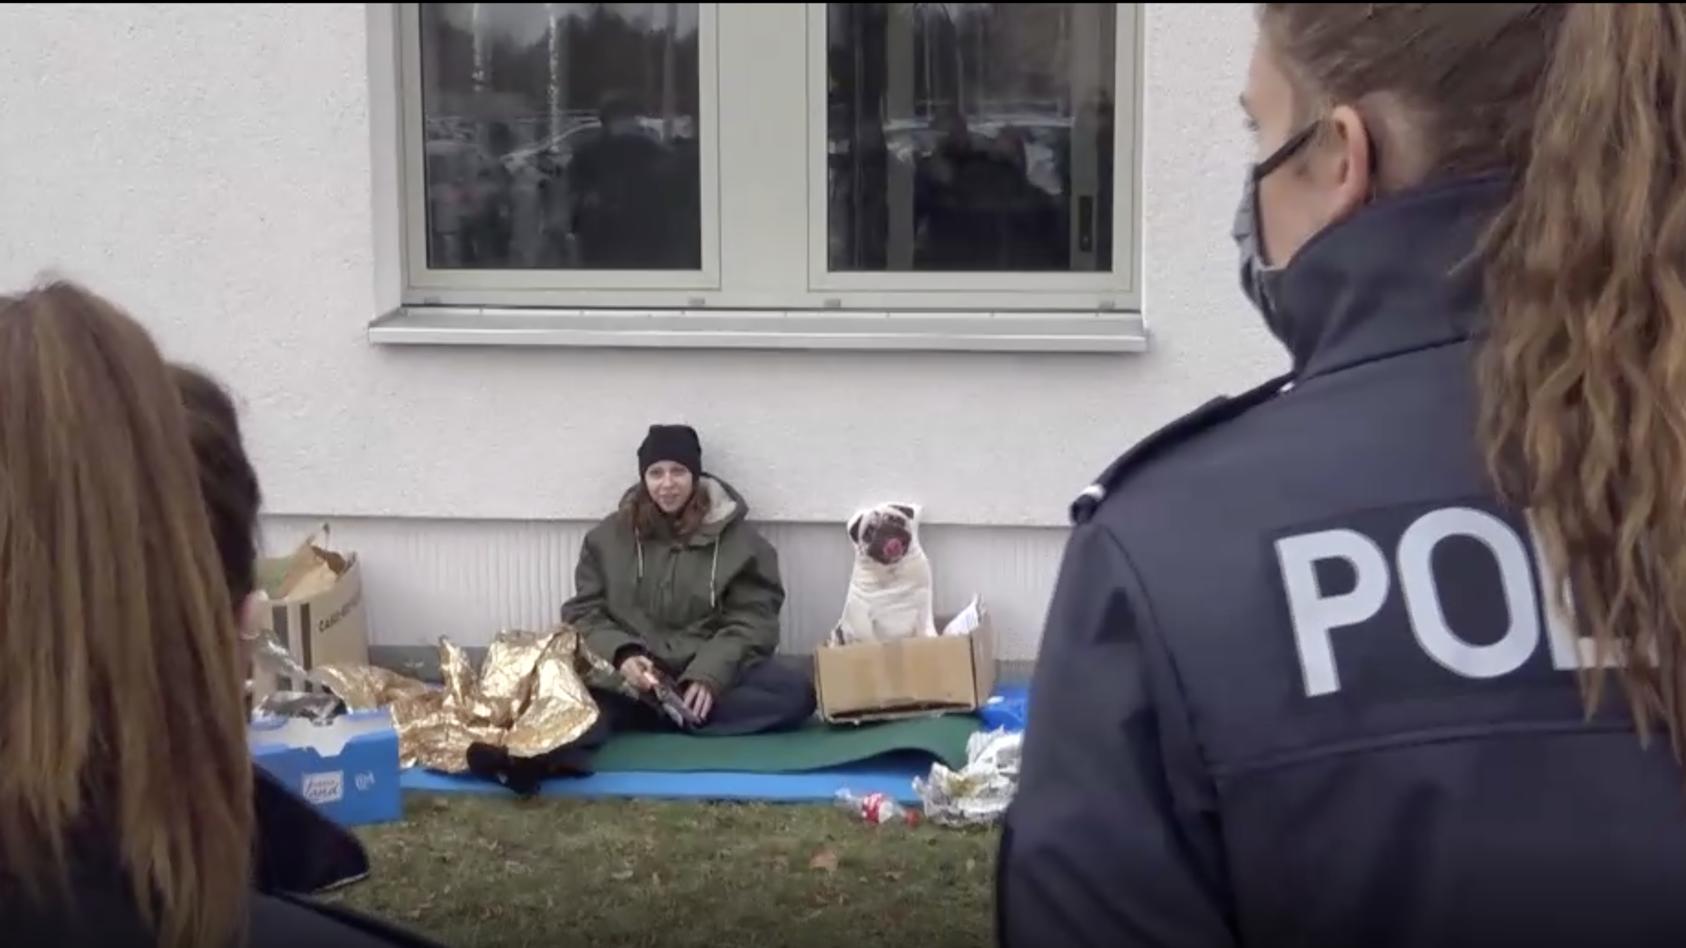 Praxistraining der Polizei-Anwärter in Brandenburg.